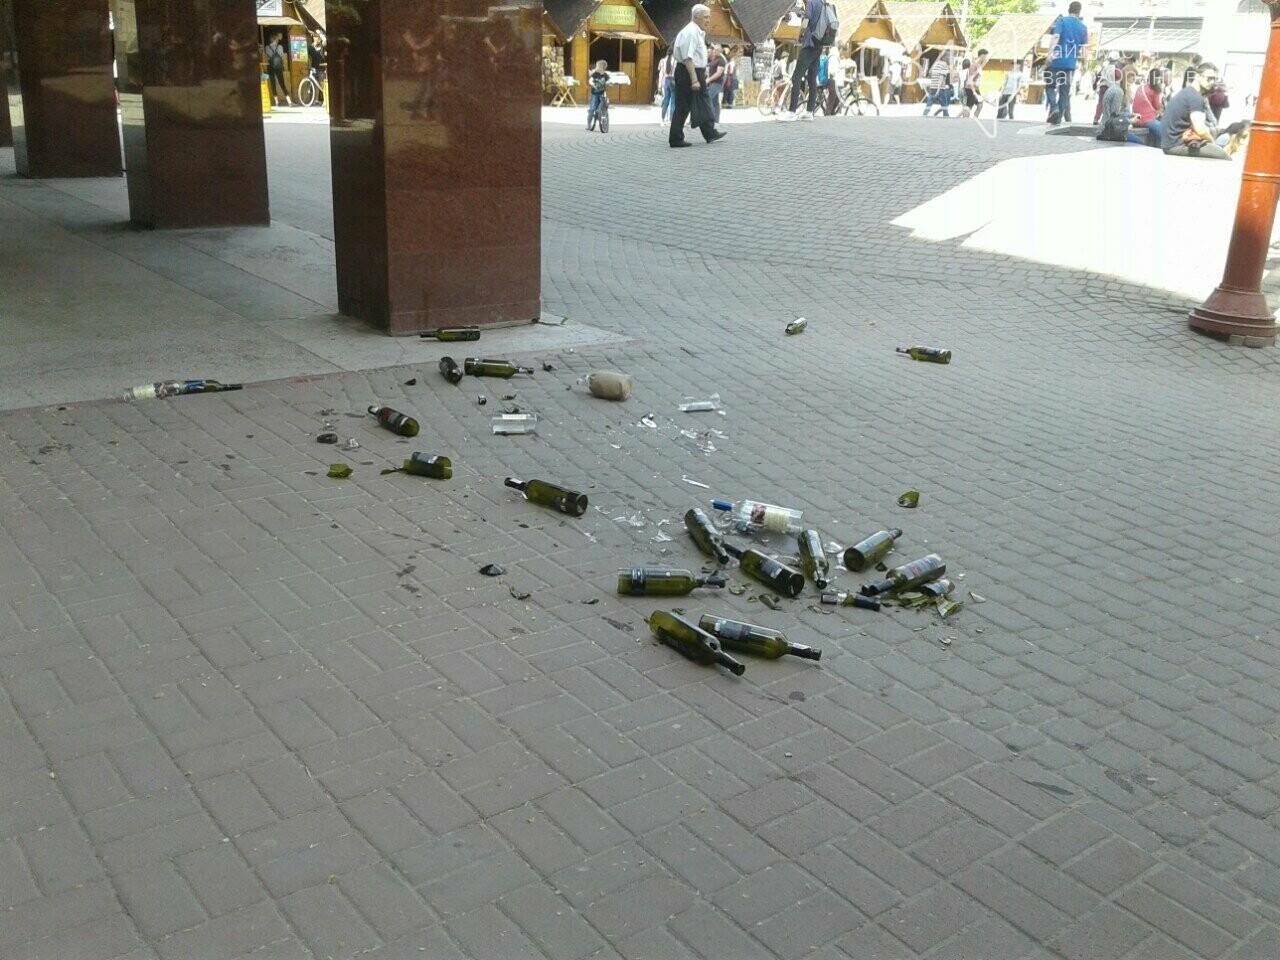 Святкування не задались. На Вічевому майдані купа розбитих пляшок. ФОТО, фото-1